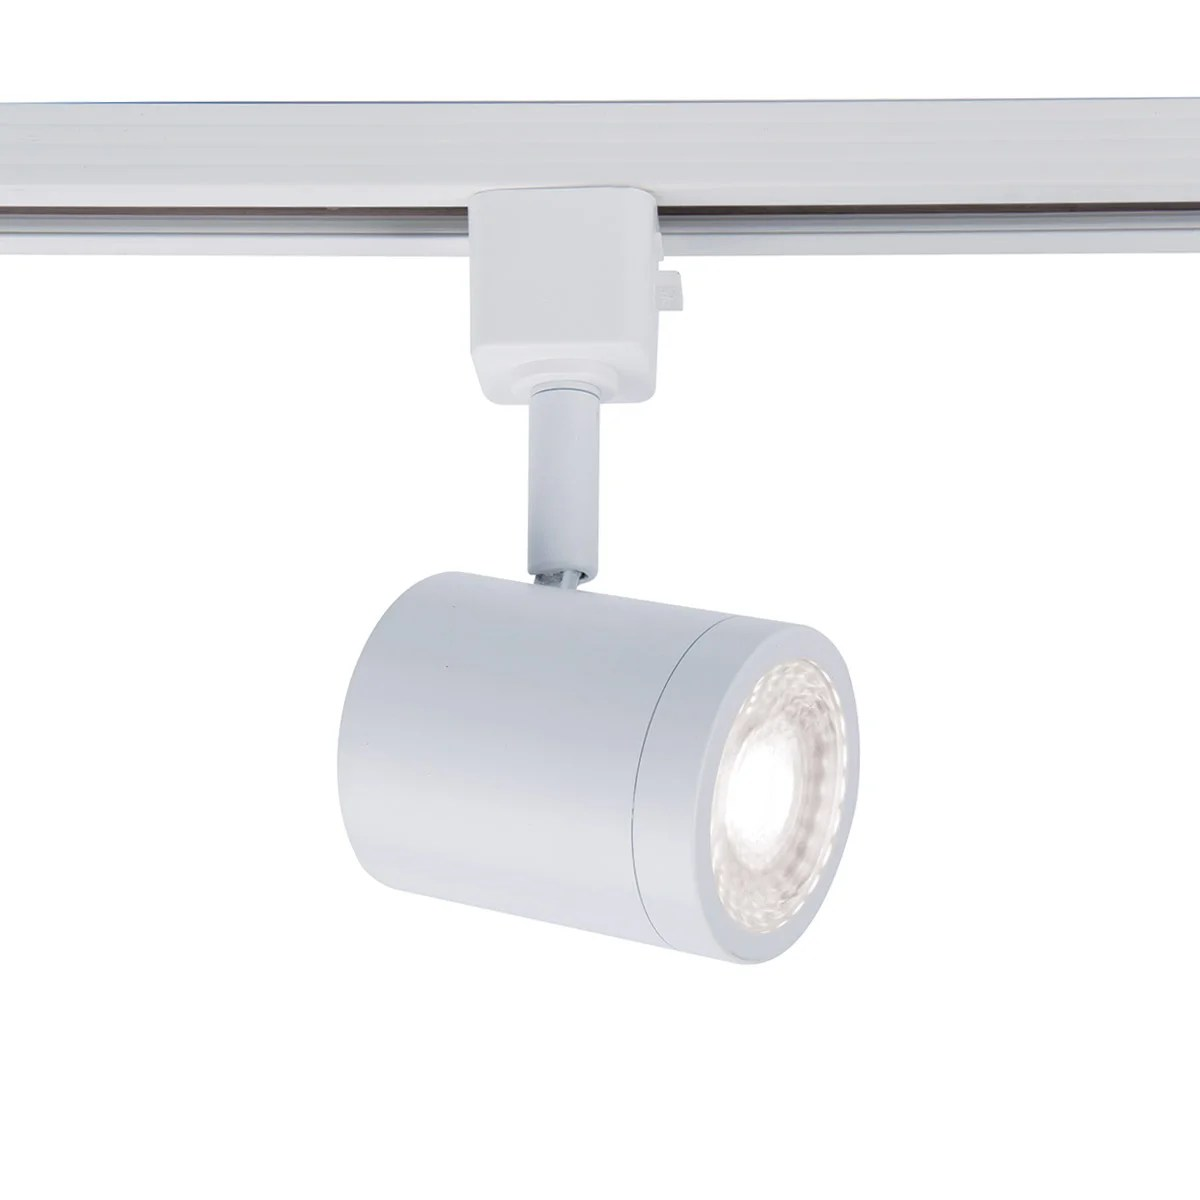 lightolier 8171bk track lighting head